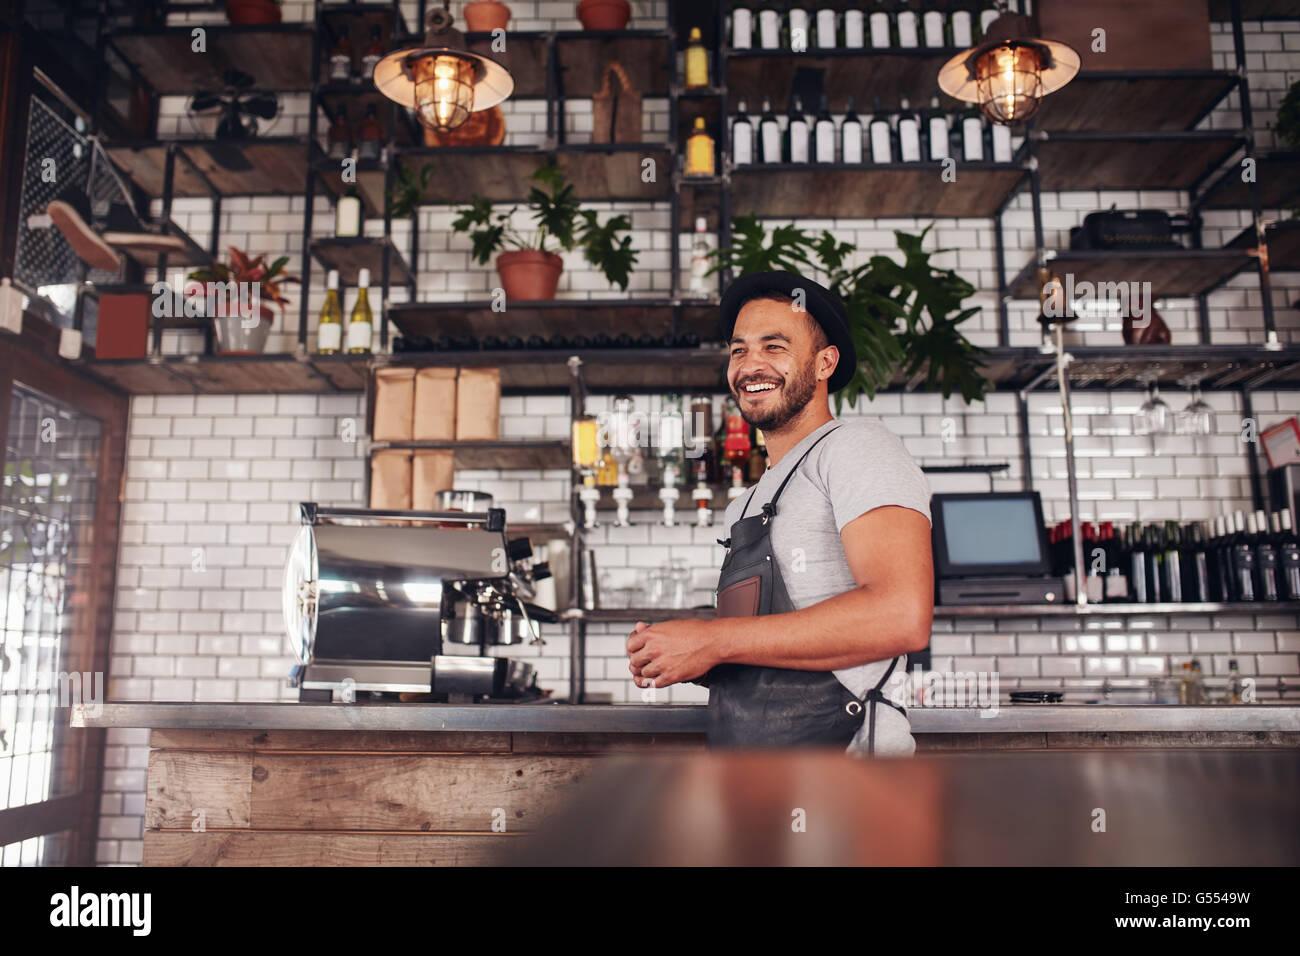 Filmación en interiores de joven feliz propietario de Barra de pie en el mostrador y apartar la mirada sonriendo Imagen De Stock